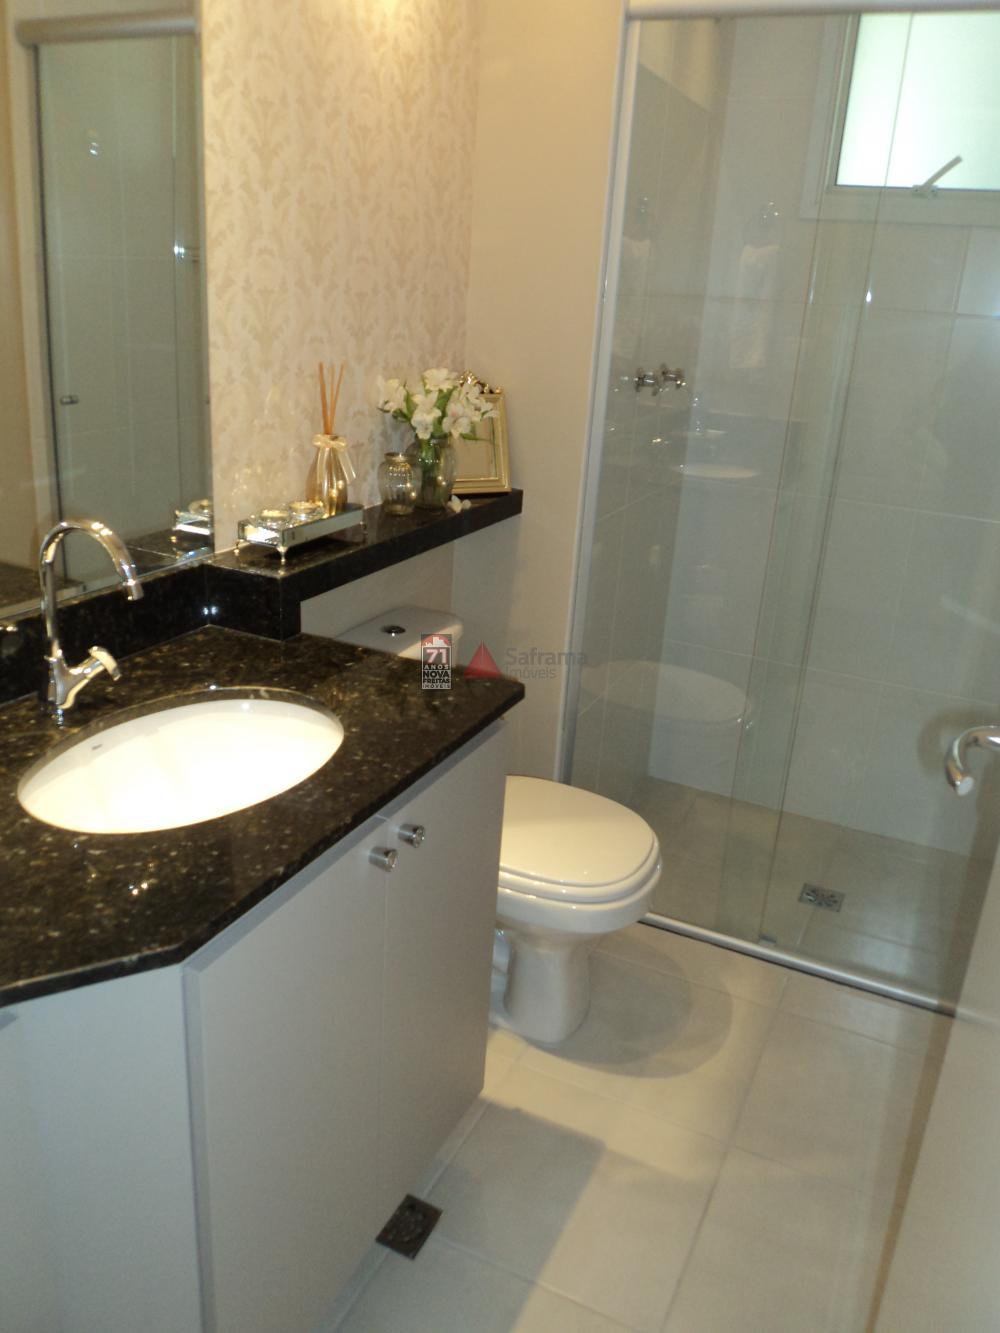 Comprar Apartamento / Padrão em Taubaté R$ 450.000,00 - Foto 12